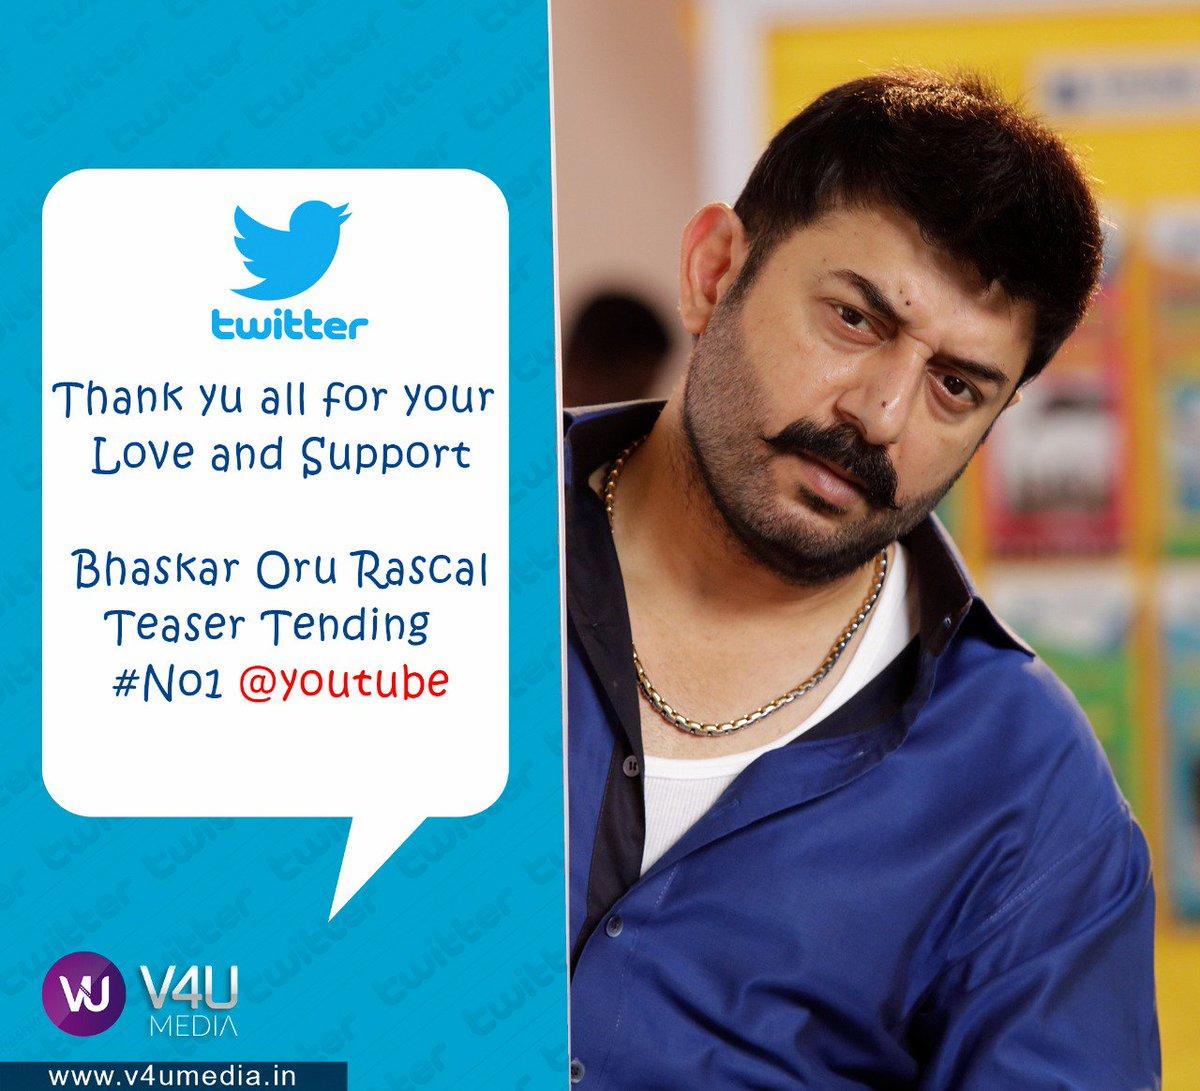 #BaskarOruRascal team @thearvindswami @Amala_ams @AmrishRocks1 @NikeshaPatel #Siddique #HarshiniFilms Thx 4 making d teaser #Trendingno1<br>http://pic.twitter.com/wciWKUrTTT